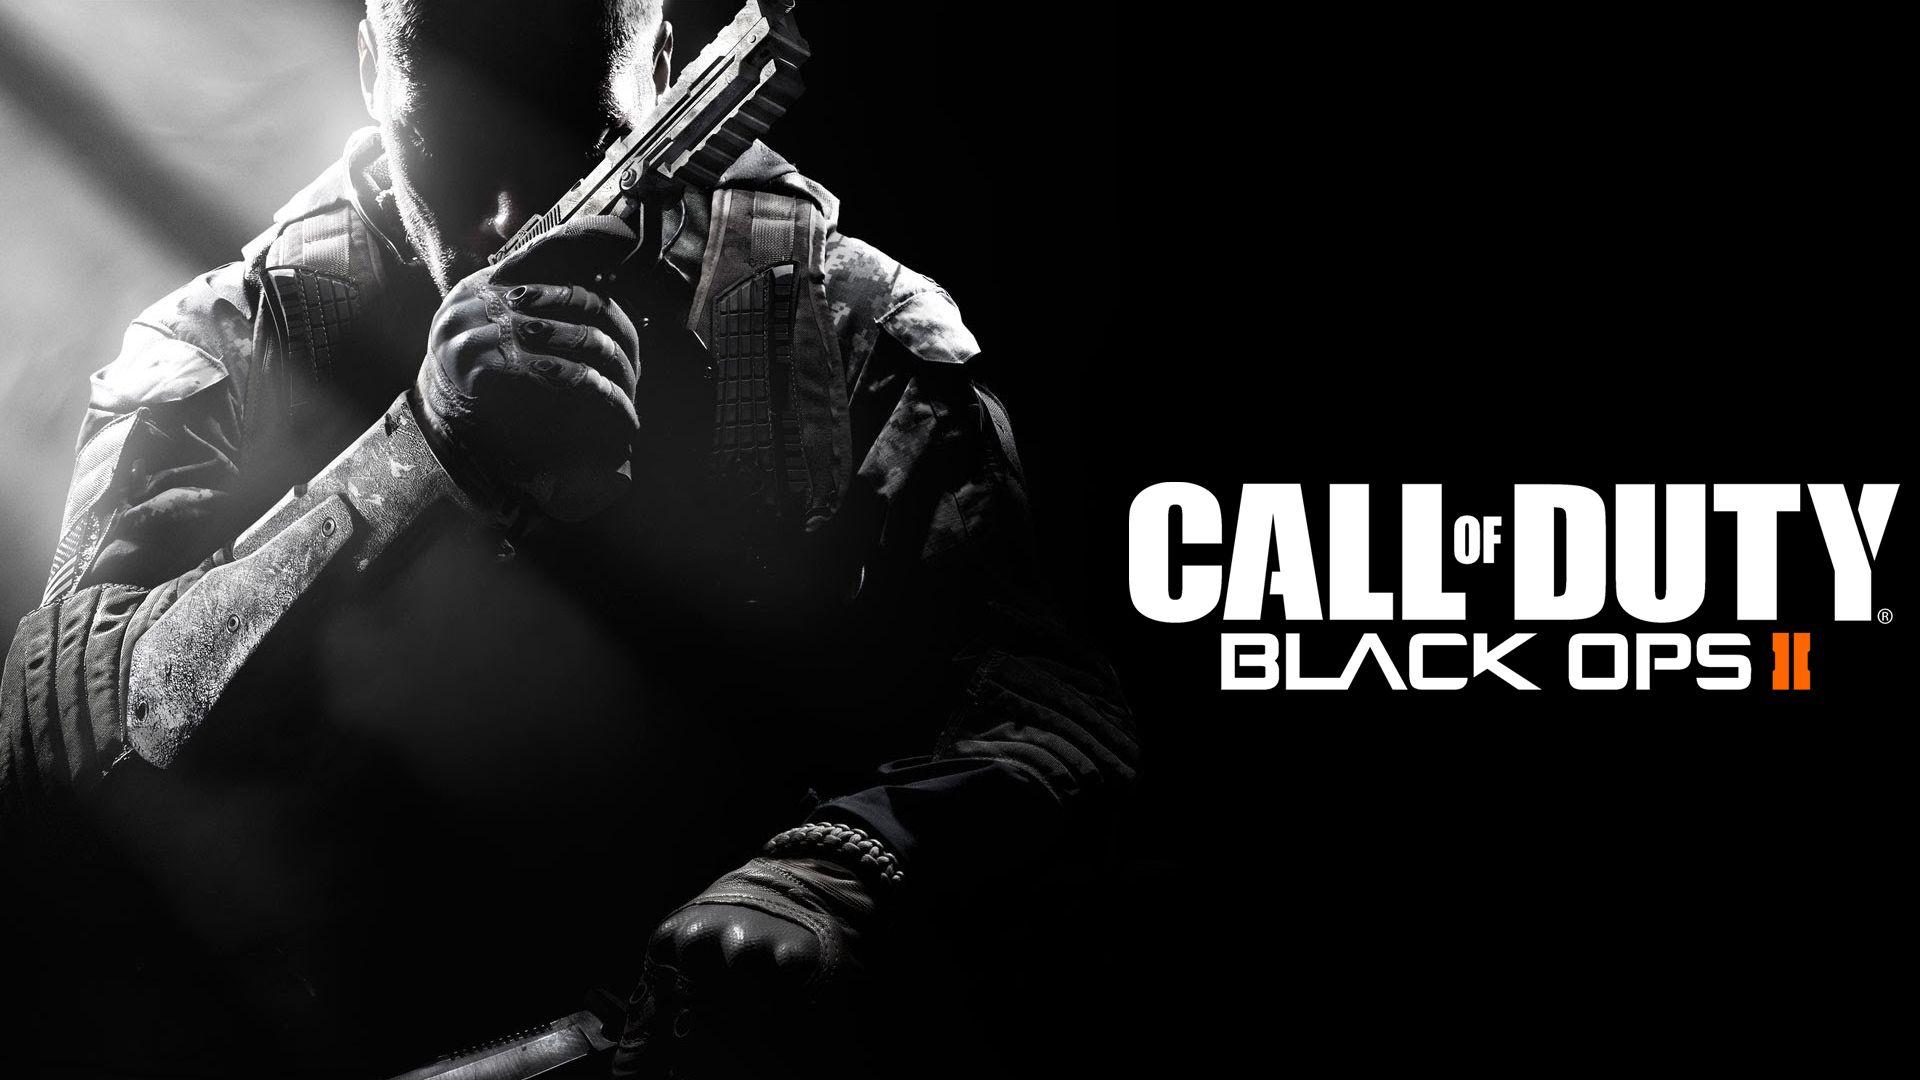 600x337 Neues Videomaterial zu Call of Duty: Black Ops 2 für Wii U